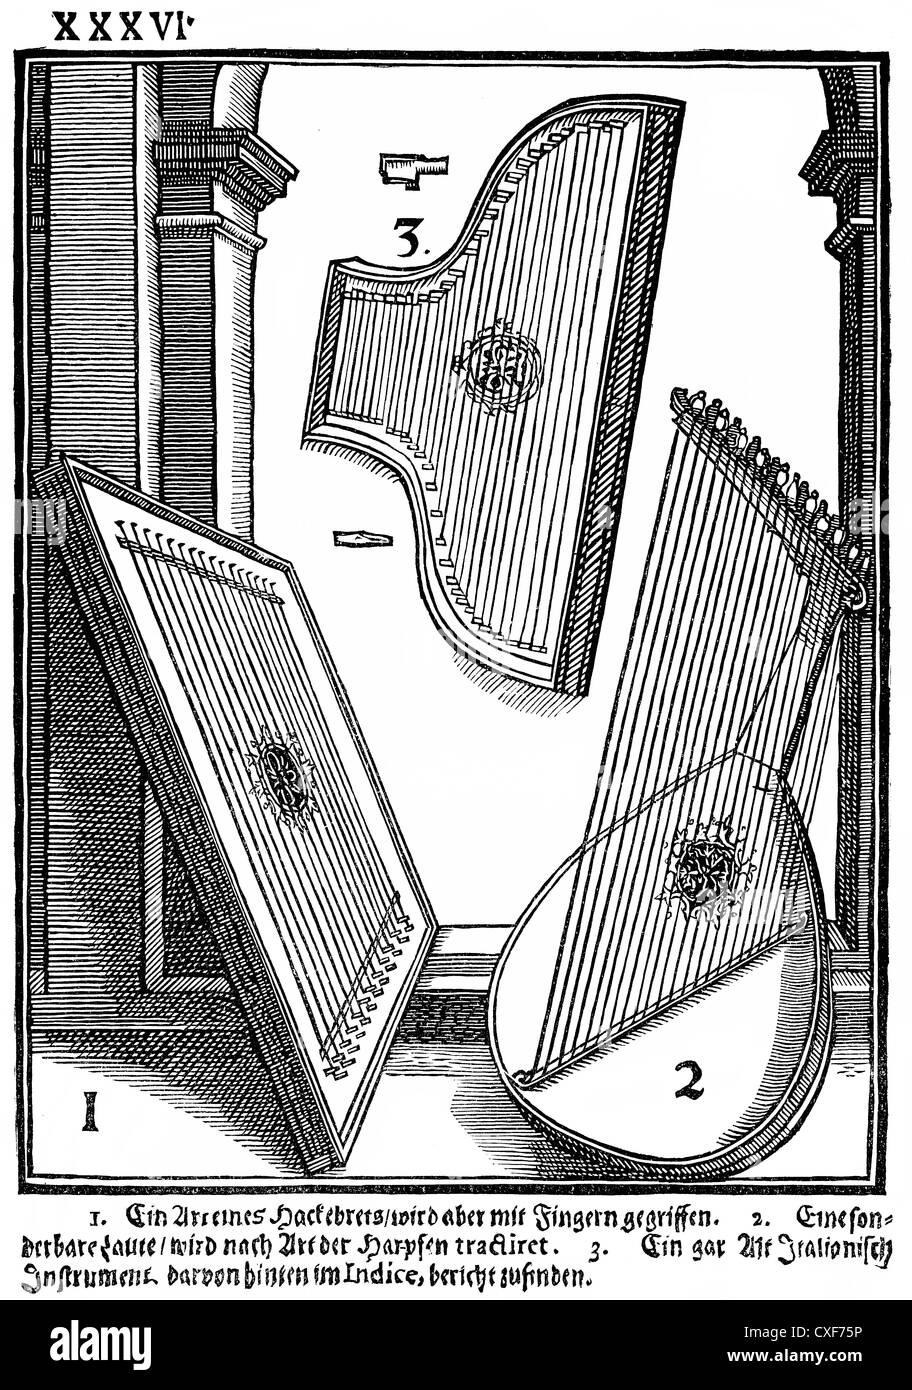 Hackbrett laute, musiktheoretische Literatur Syntagma Musicum, musikwissenschaftliche schreibt Michael Praetorius Stockbild